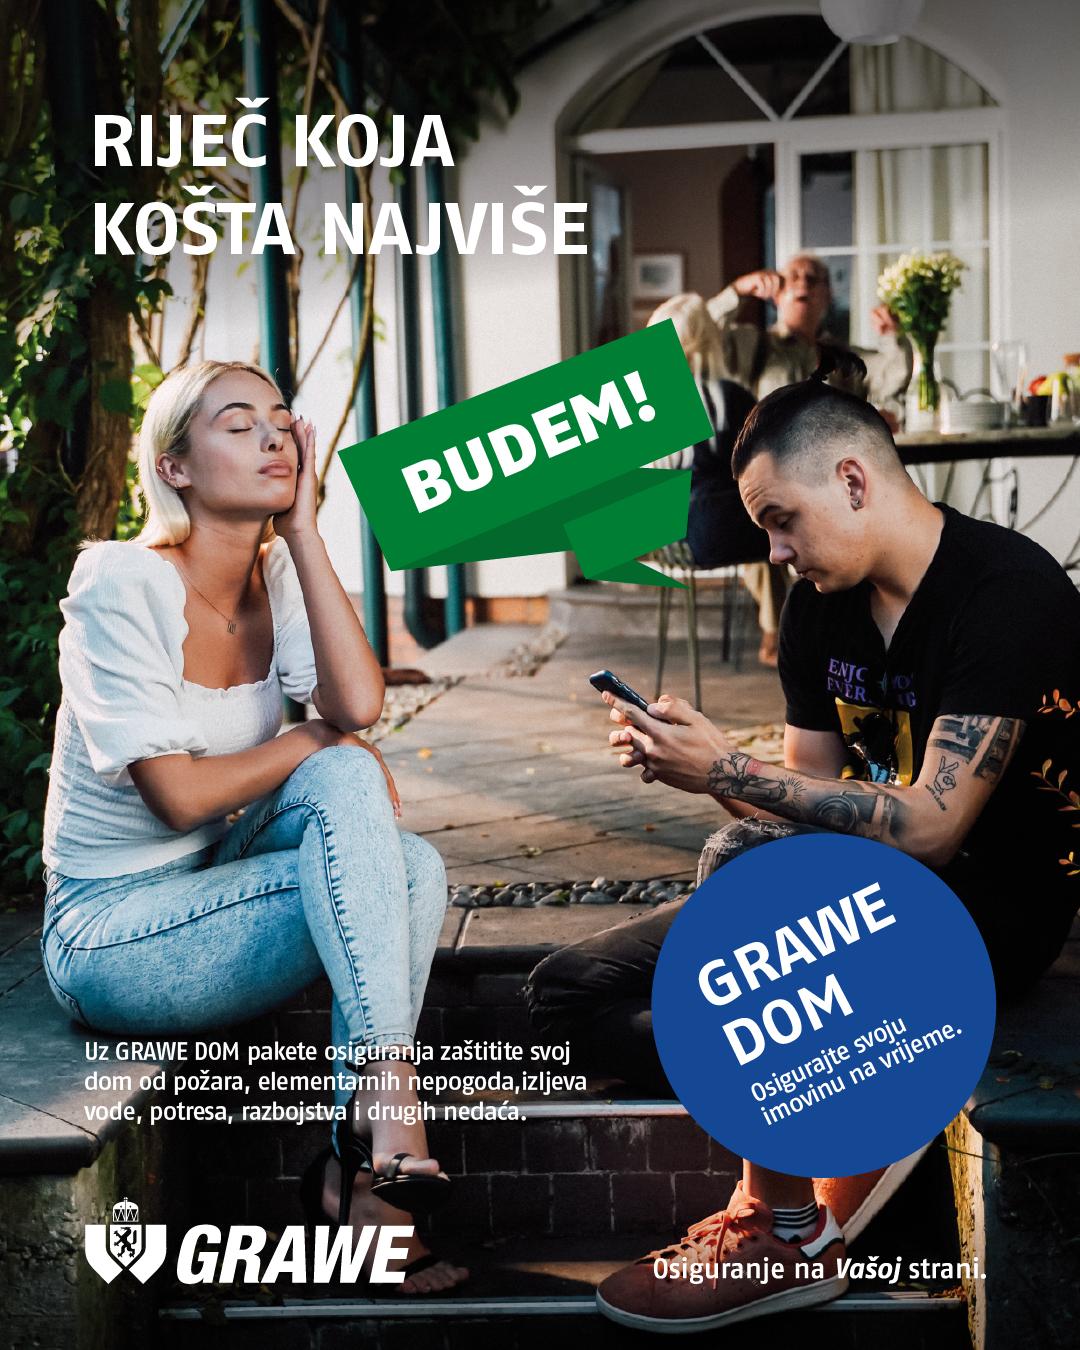 GRAWE DOM kampanja BUDEM